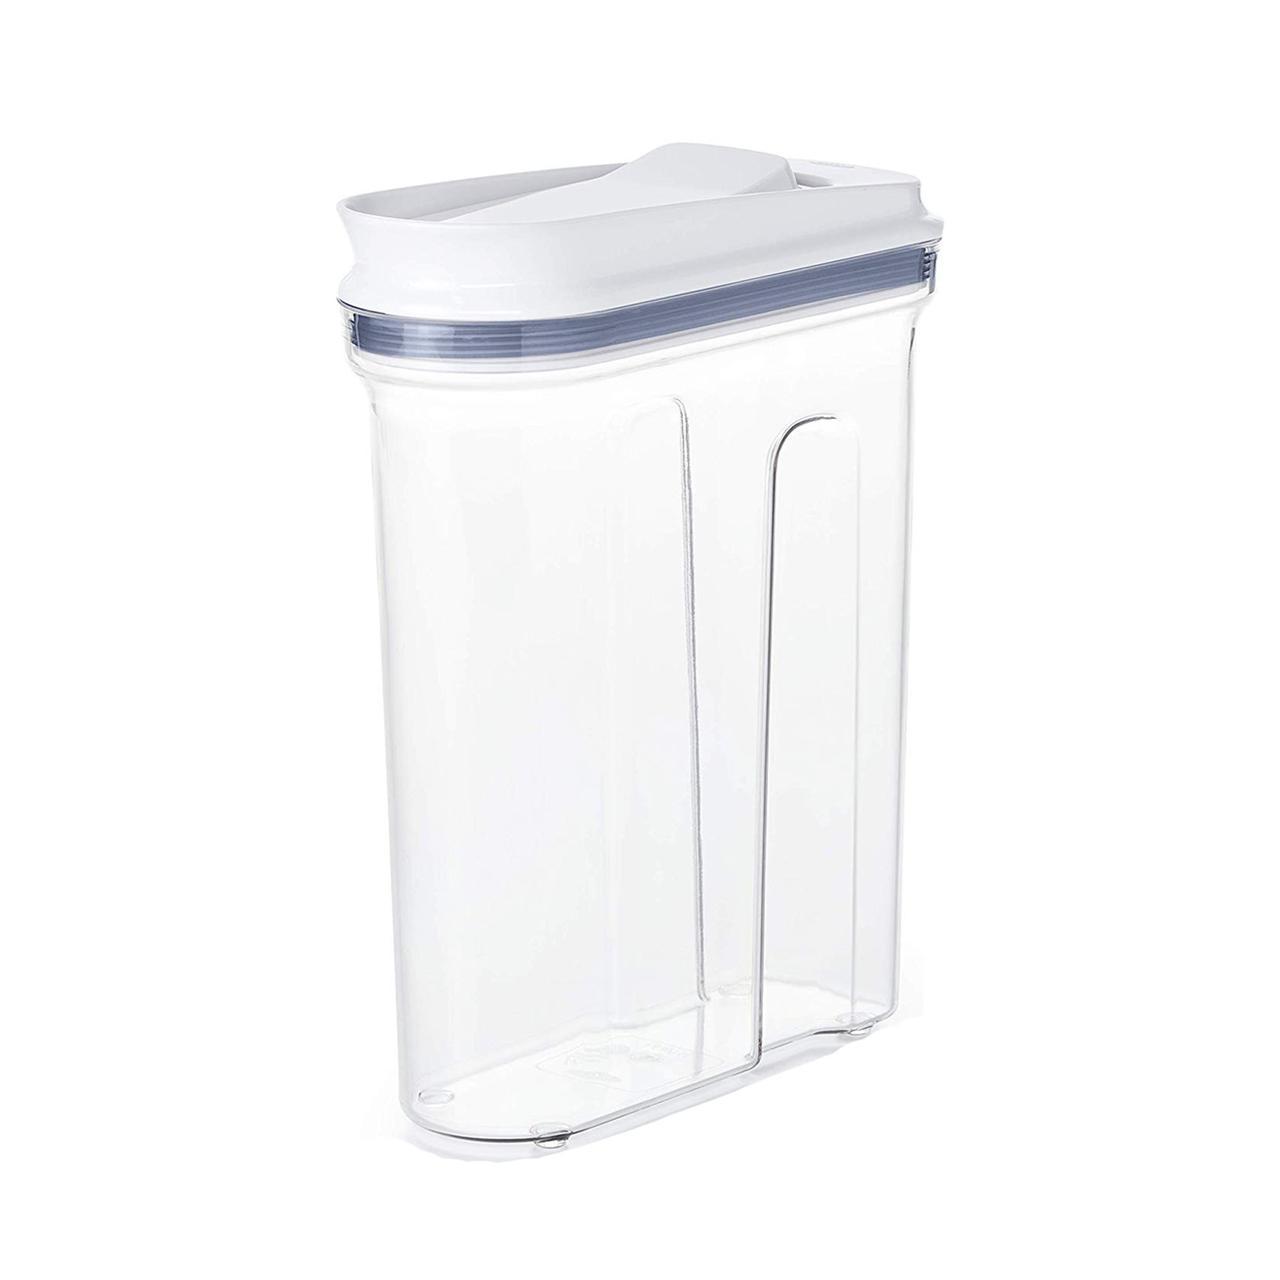 Емкость для хранения OXO Food Storage Good Grips с диспенсером 1.6 л (11247600)